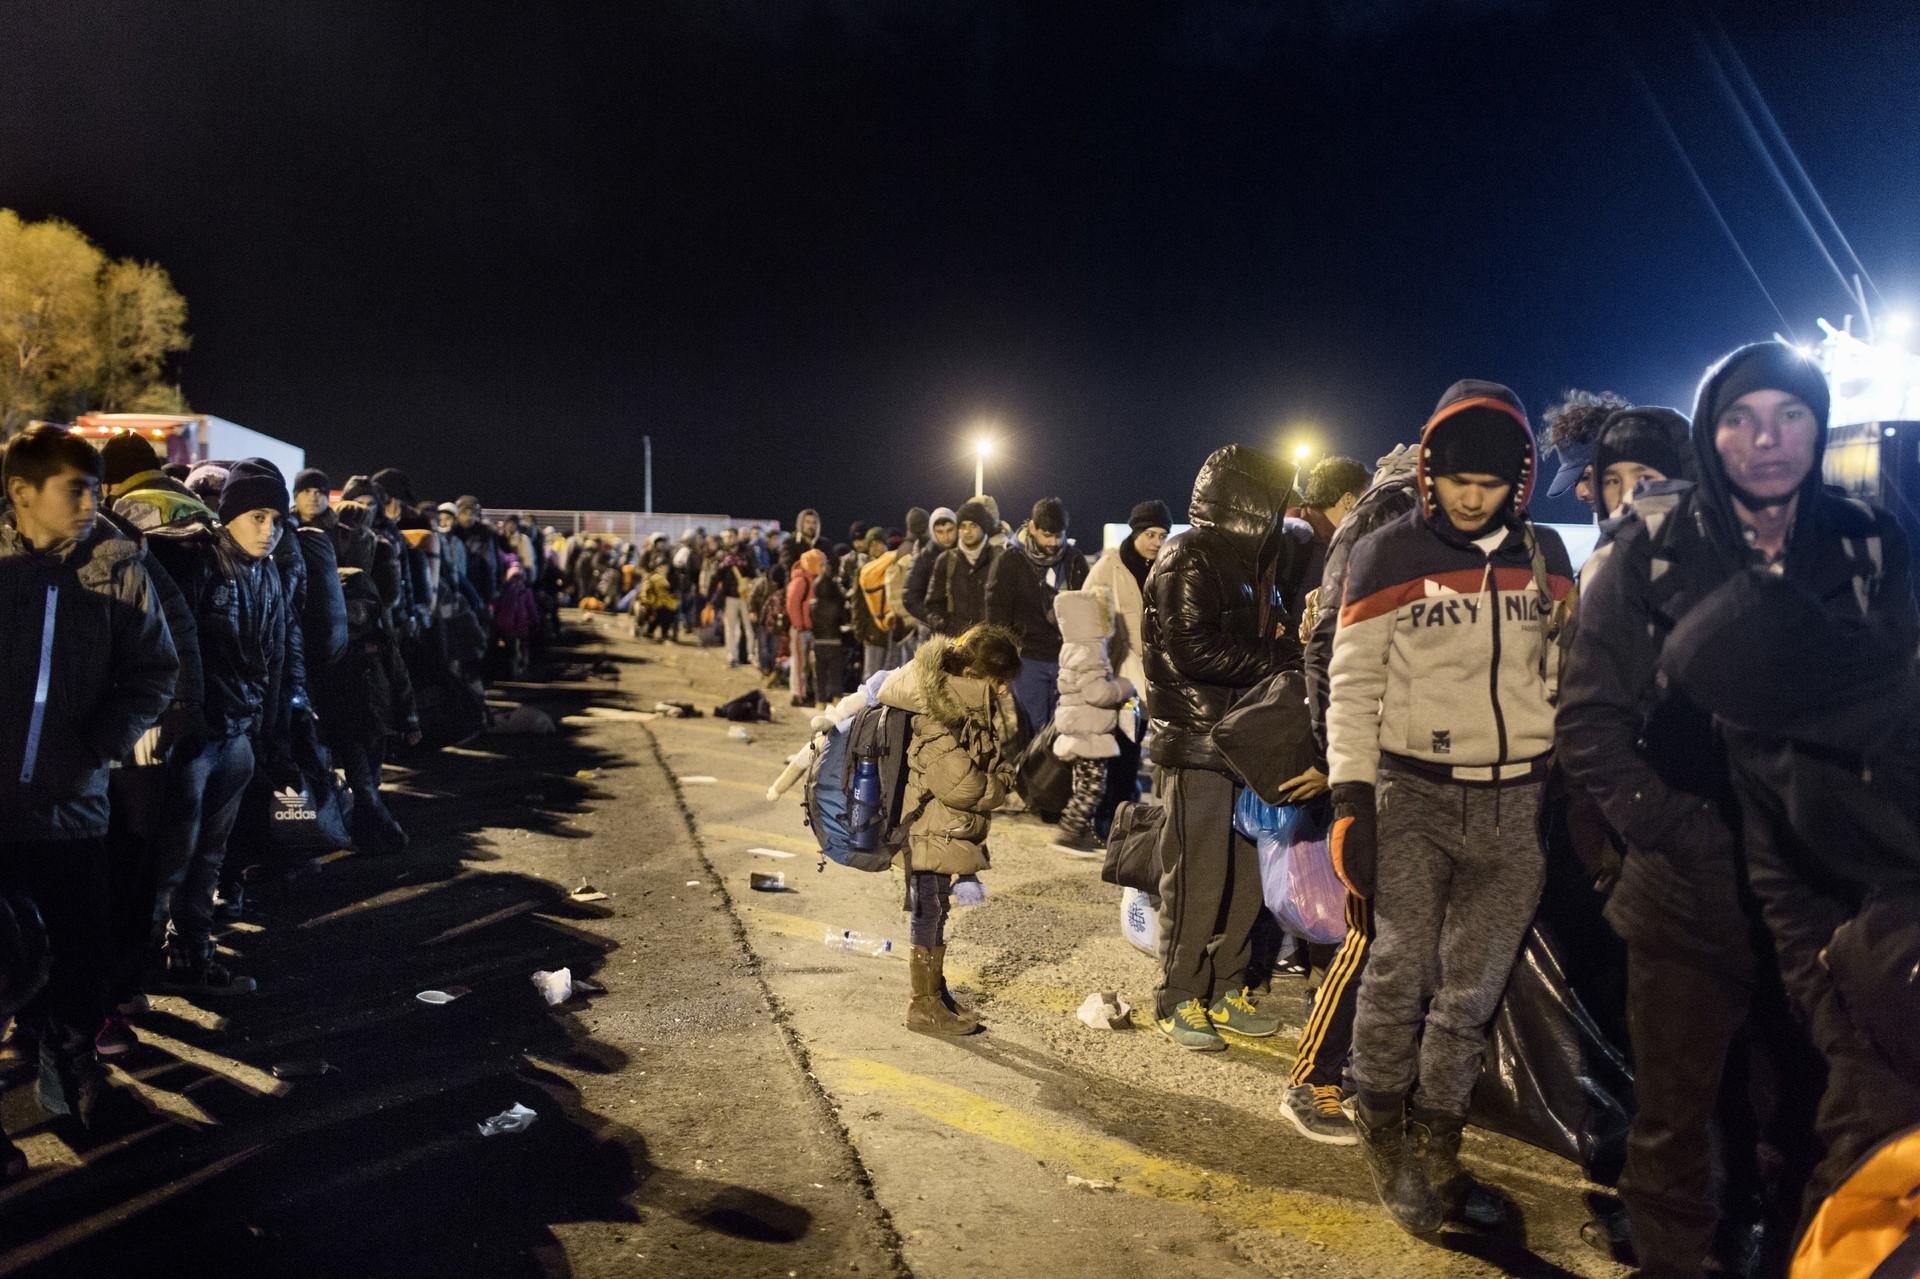 Refugiados y migrantes esperan para abordar un ferry que los lleve a Atenas en el Puerto de Mitilene en Lesbos.